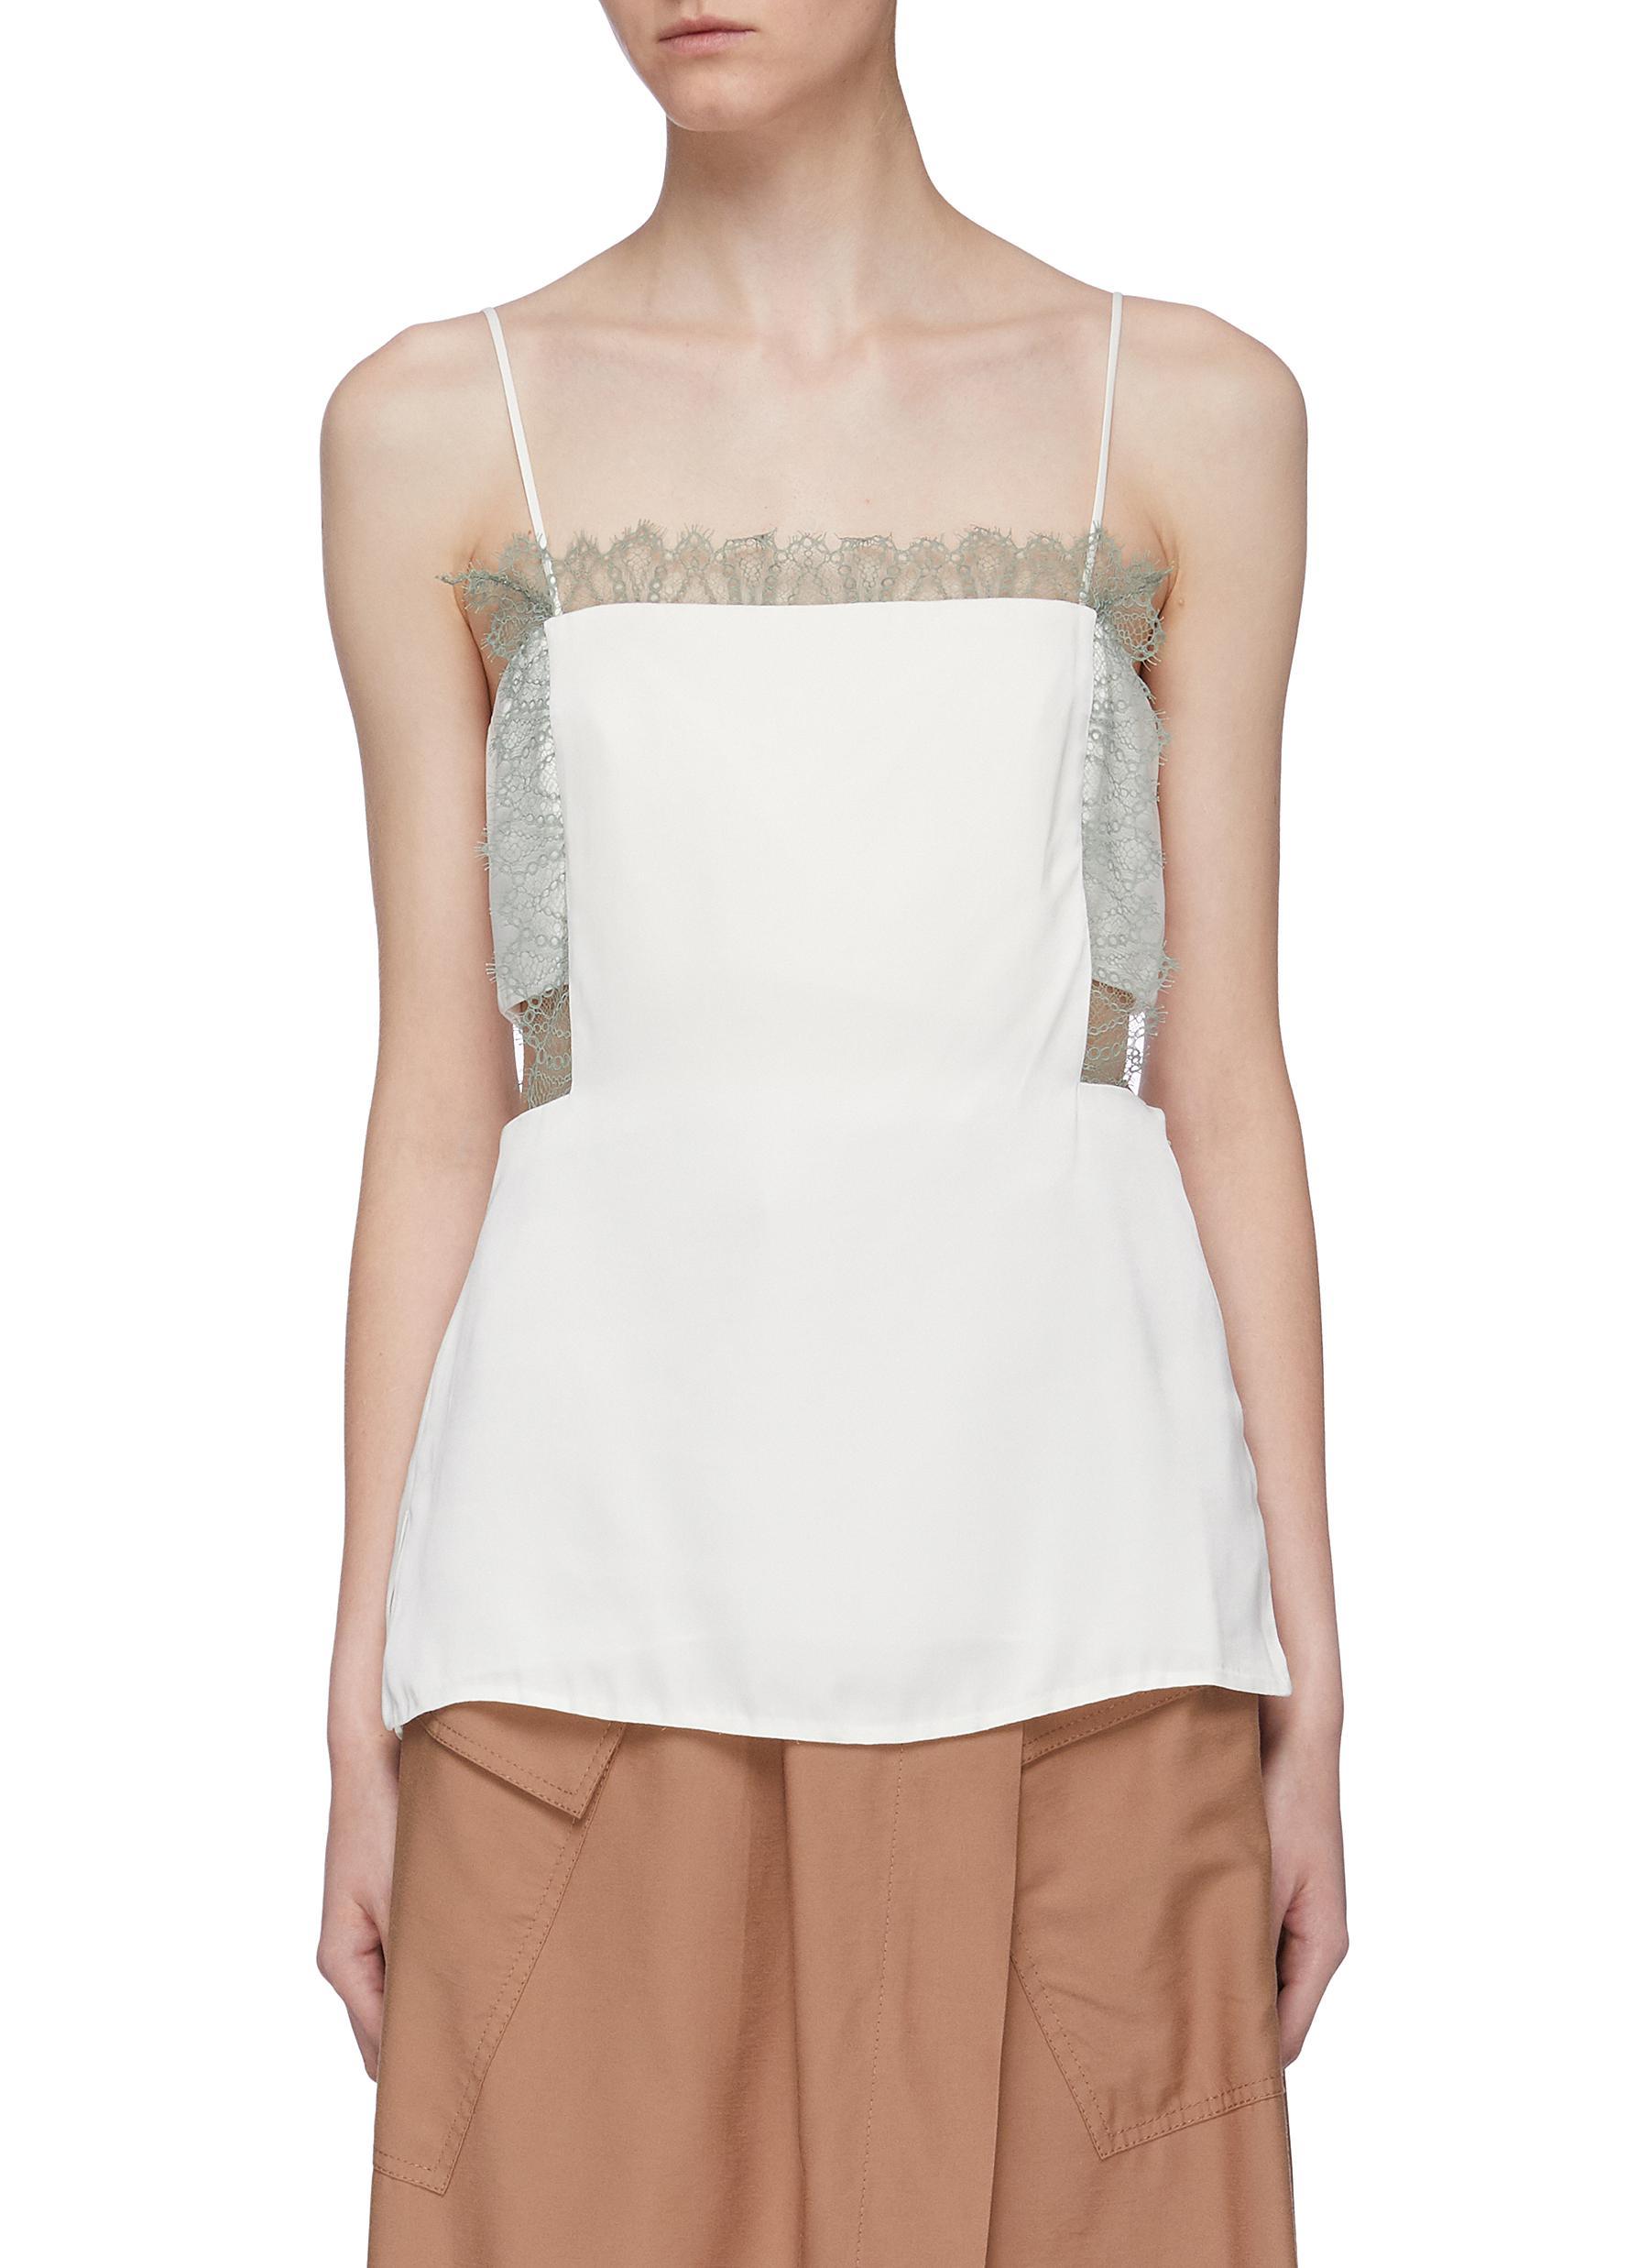 Lace trim cutout waist square neck camisole top by 3.1 Phillip Lim